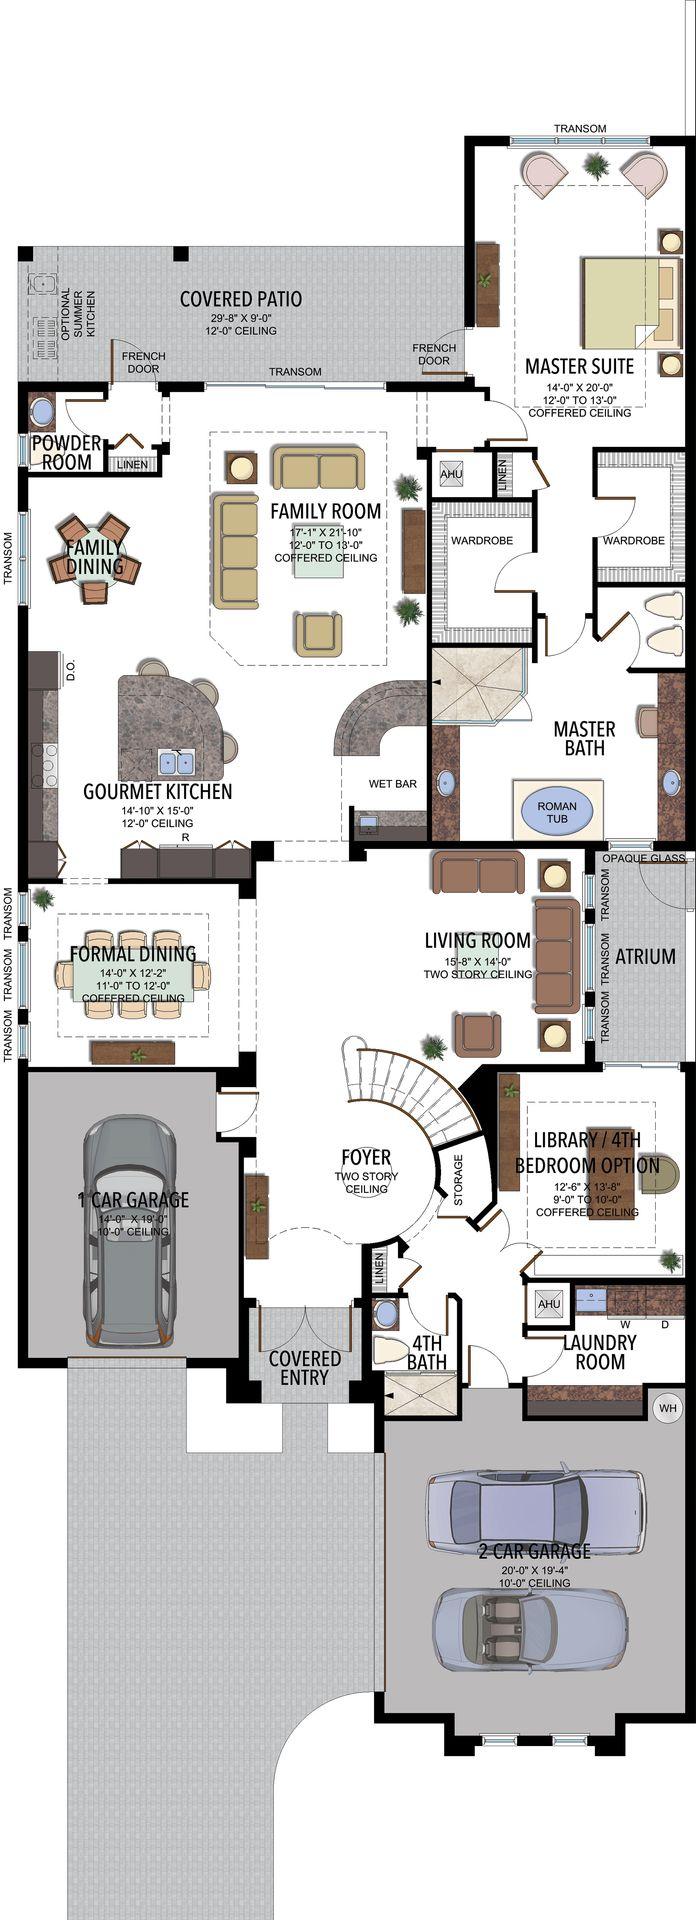 Vizcaya Contemporary Plan